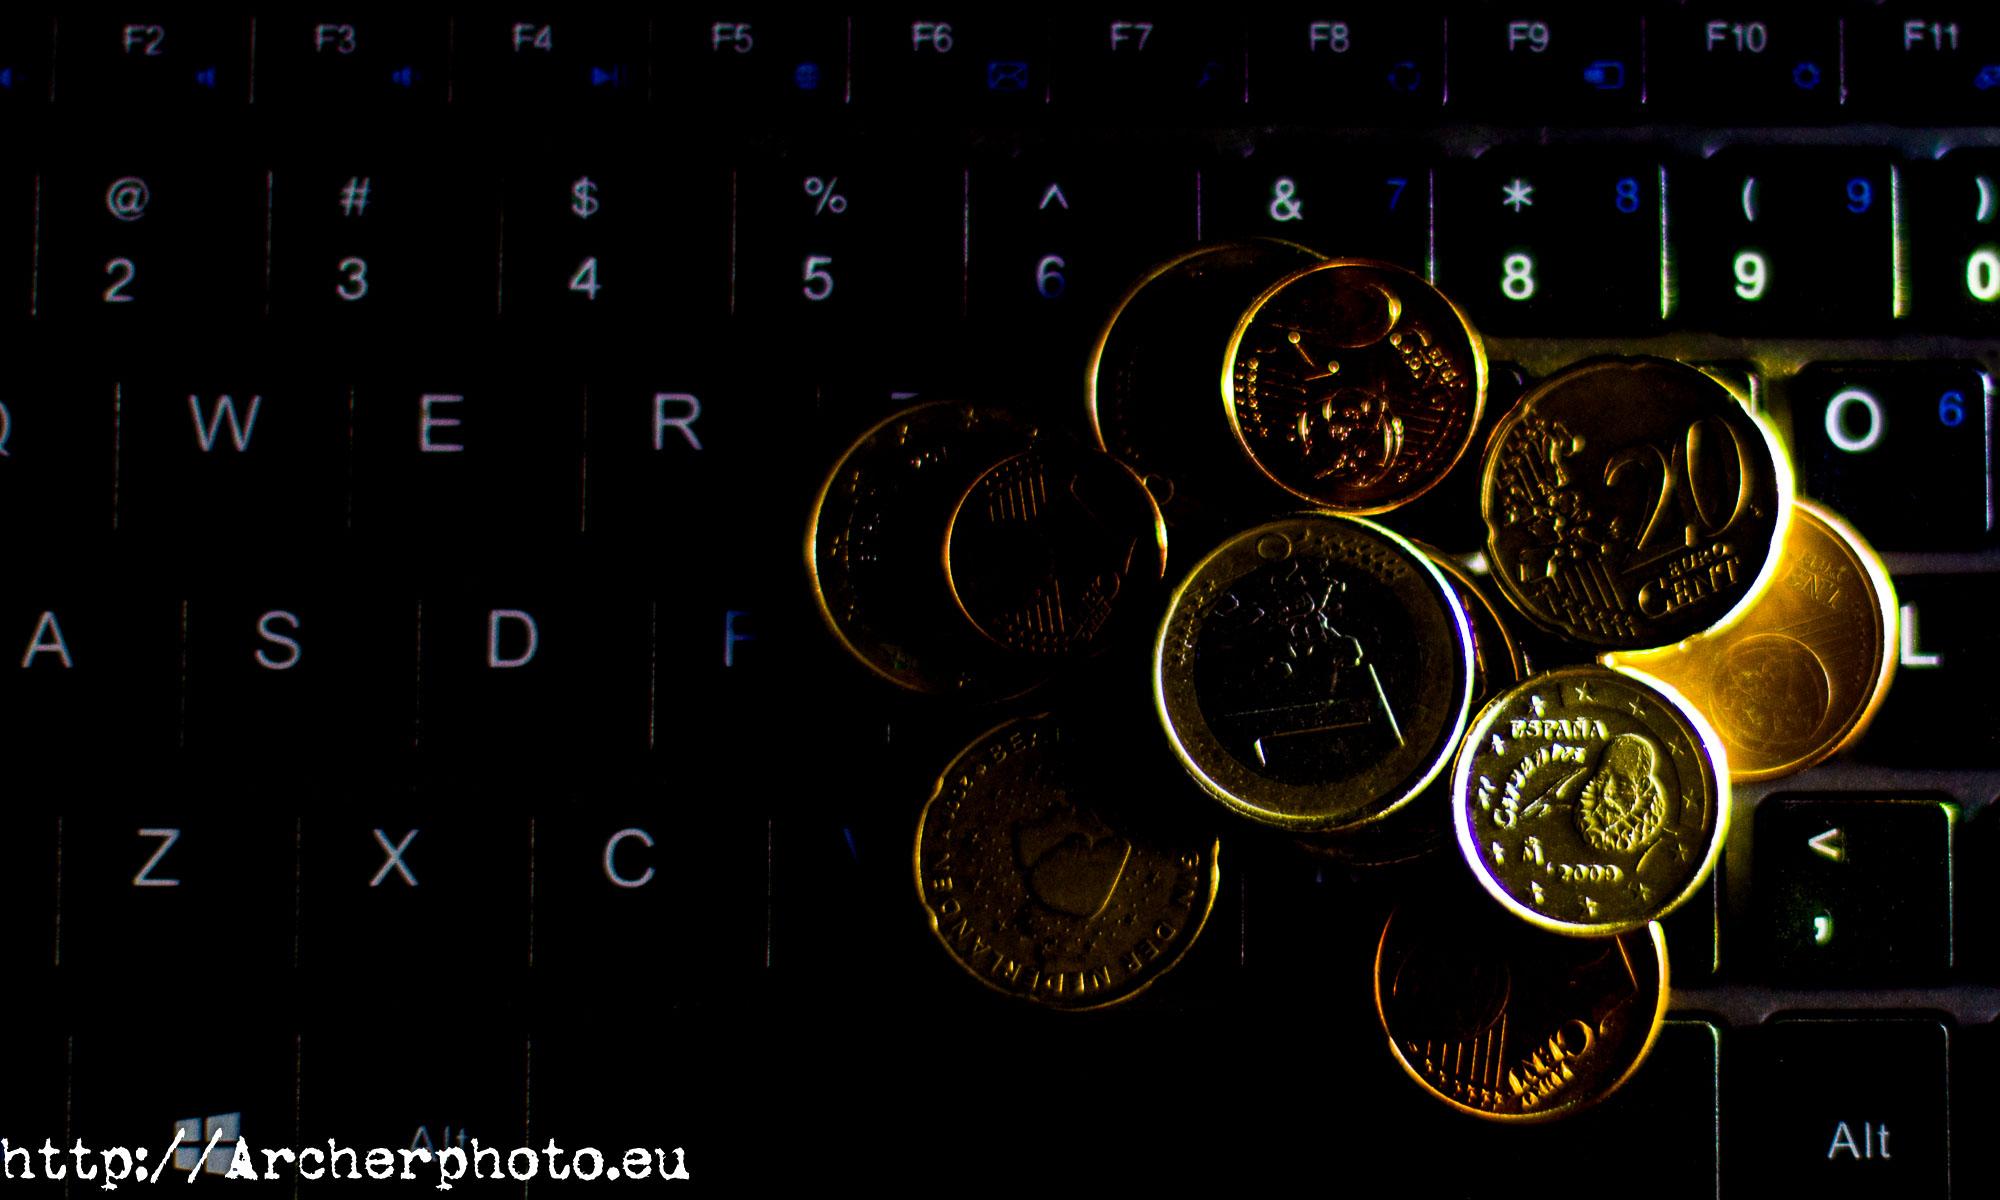 Tiendas web y fotografía comercial monedas sobre teclado, por Archerphoto fotógrafo profesional Valencia